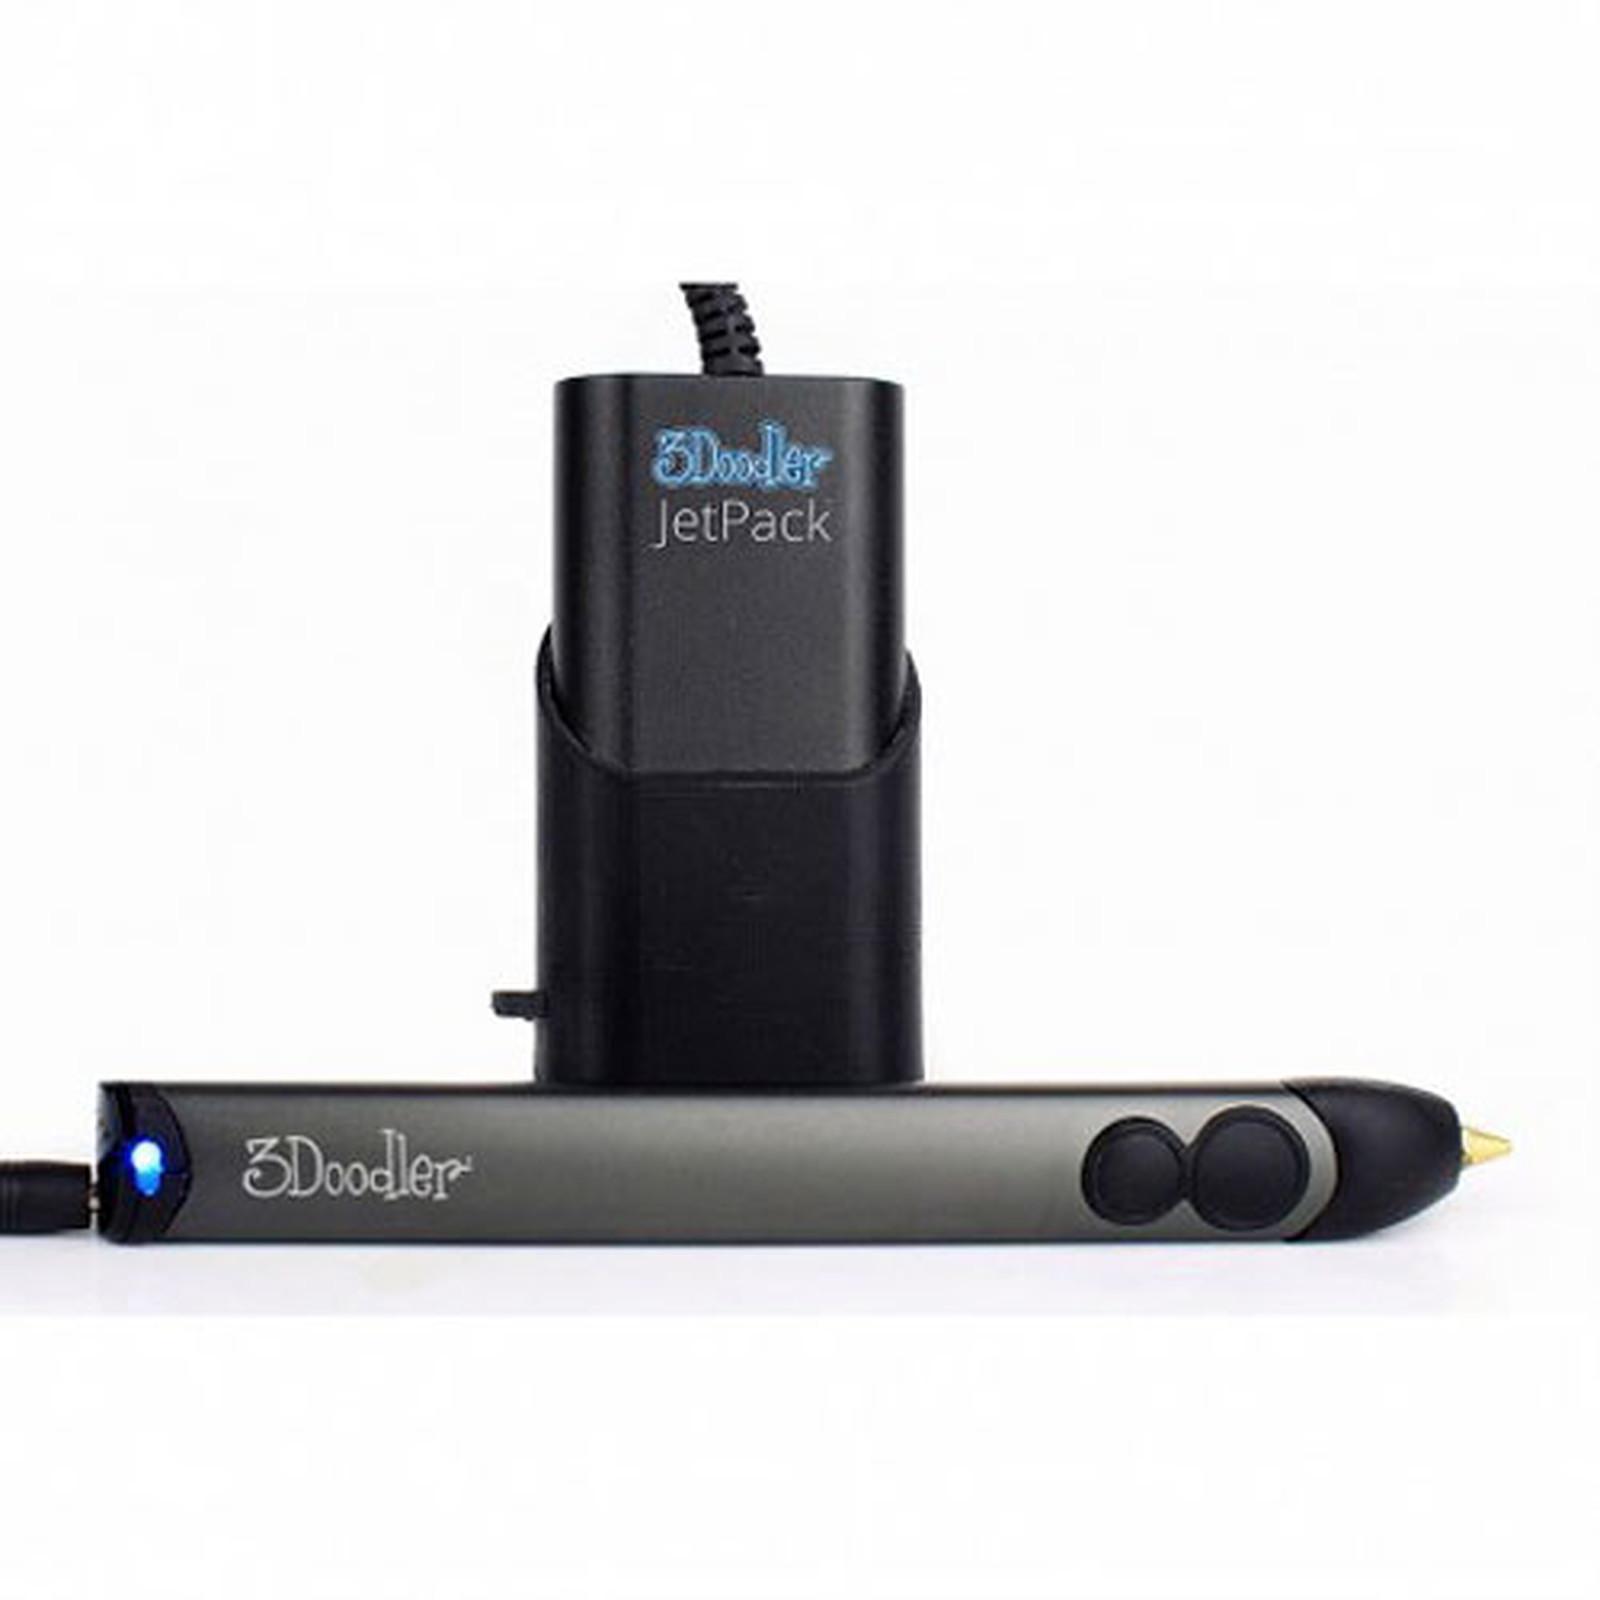 3Doodler JetPack batterie 2.0